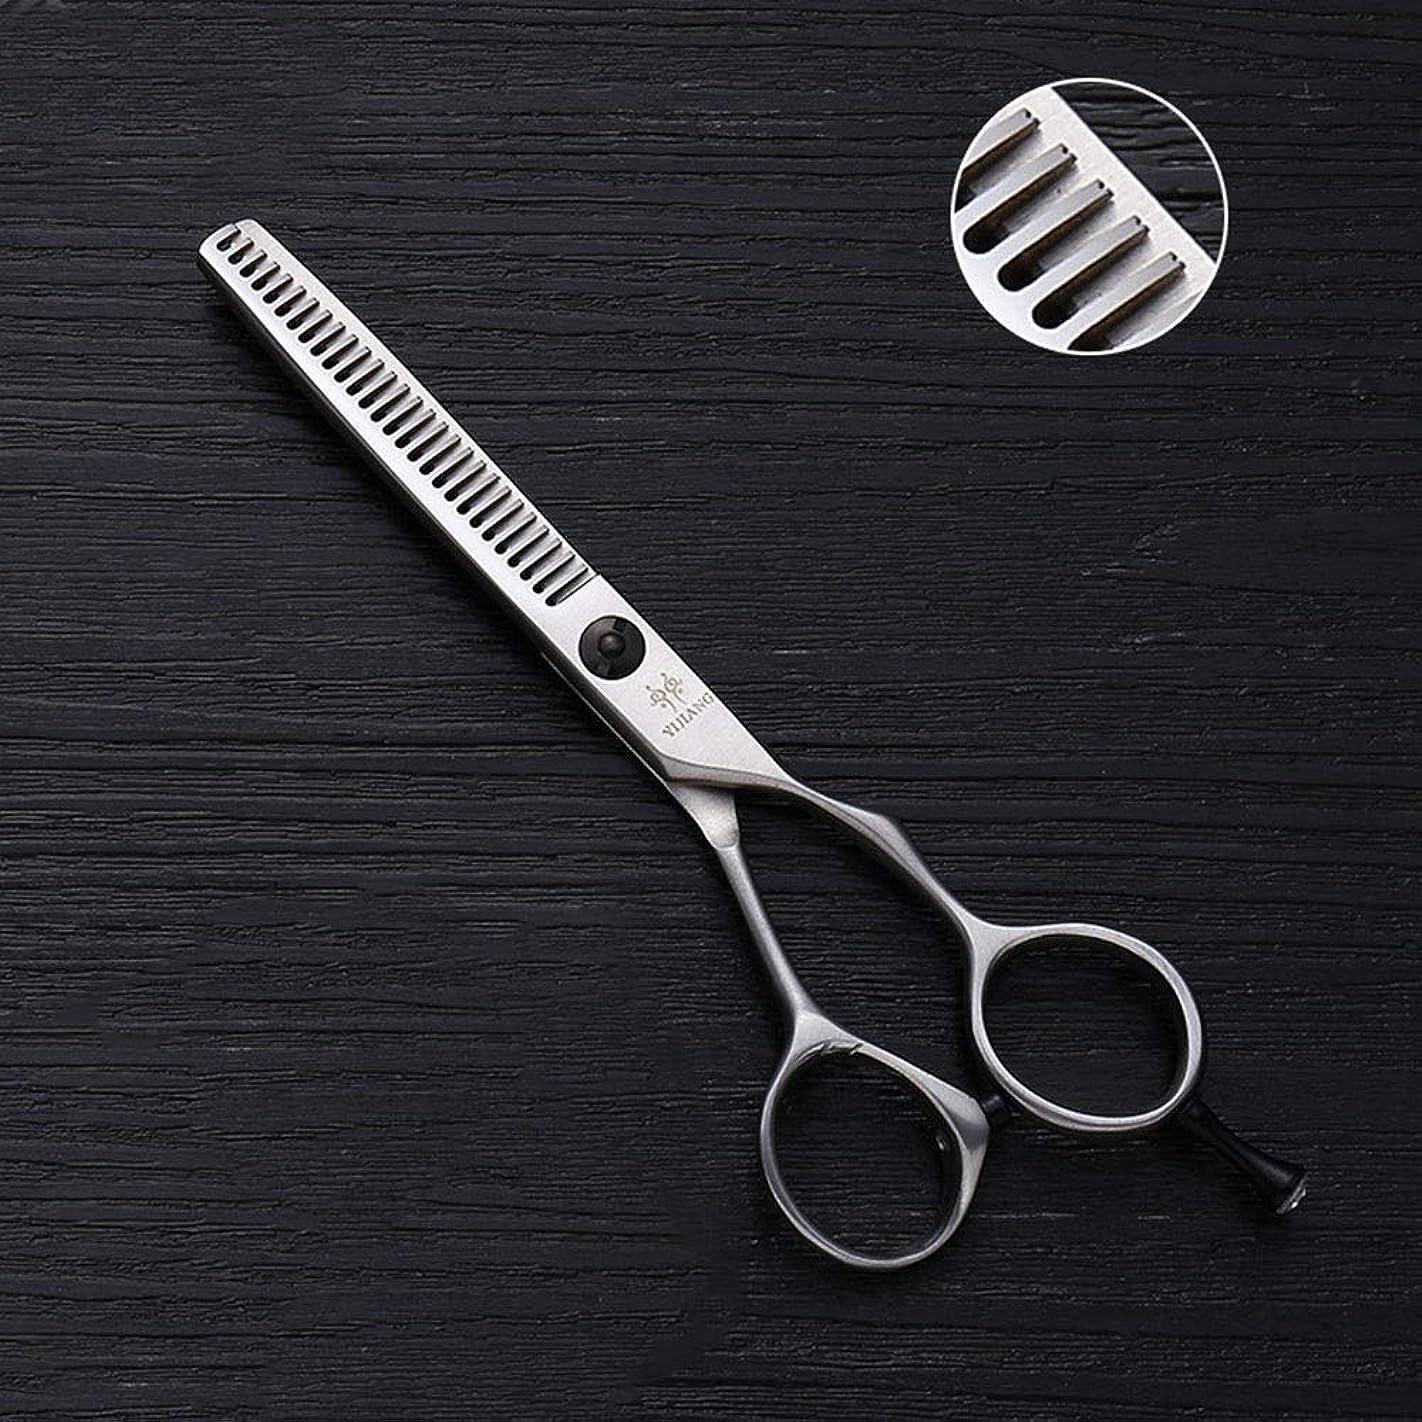 ペストリー後継戻るカットハサミ ヘアスタイリングツール 5インチの理髪はさみ、28歯の間伐はさみ、ステンレス鋼のV歯ヘアカット ヘアカットシザー (色 : Silver)